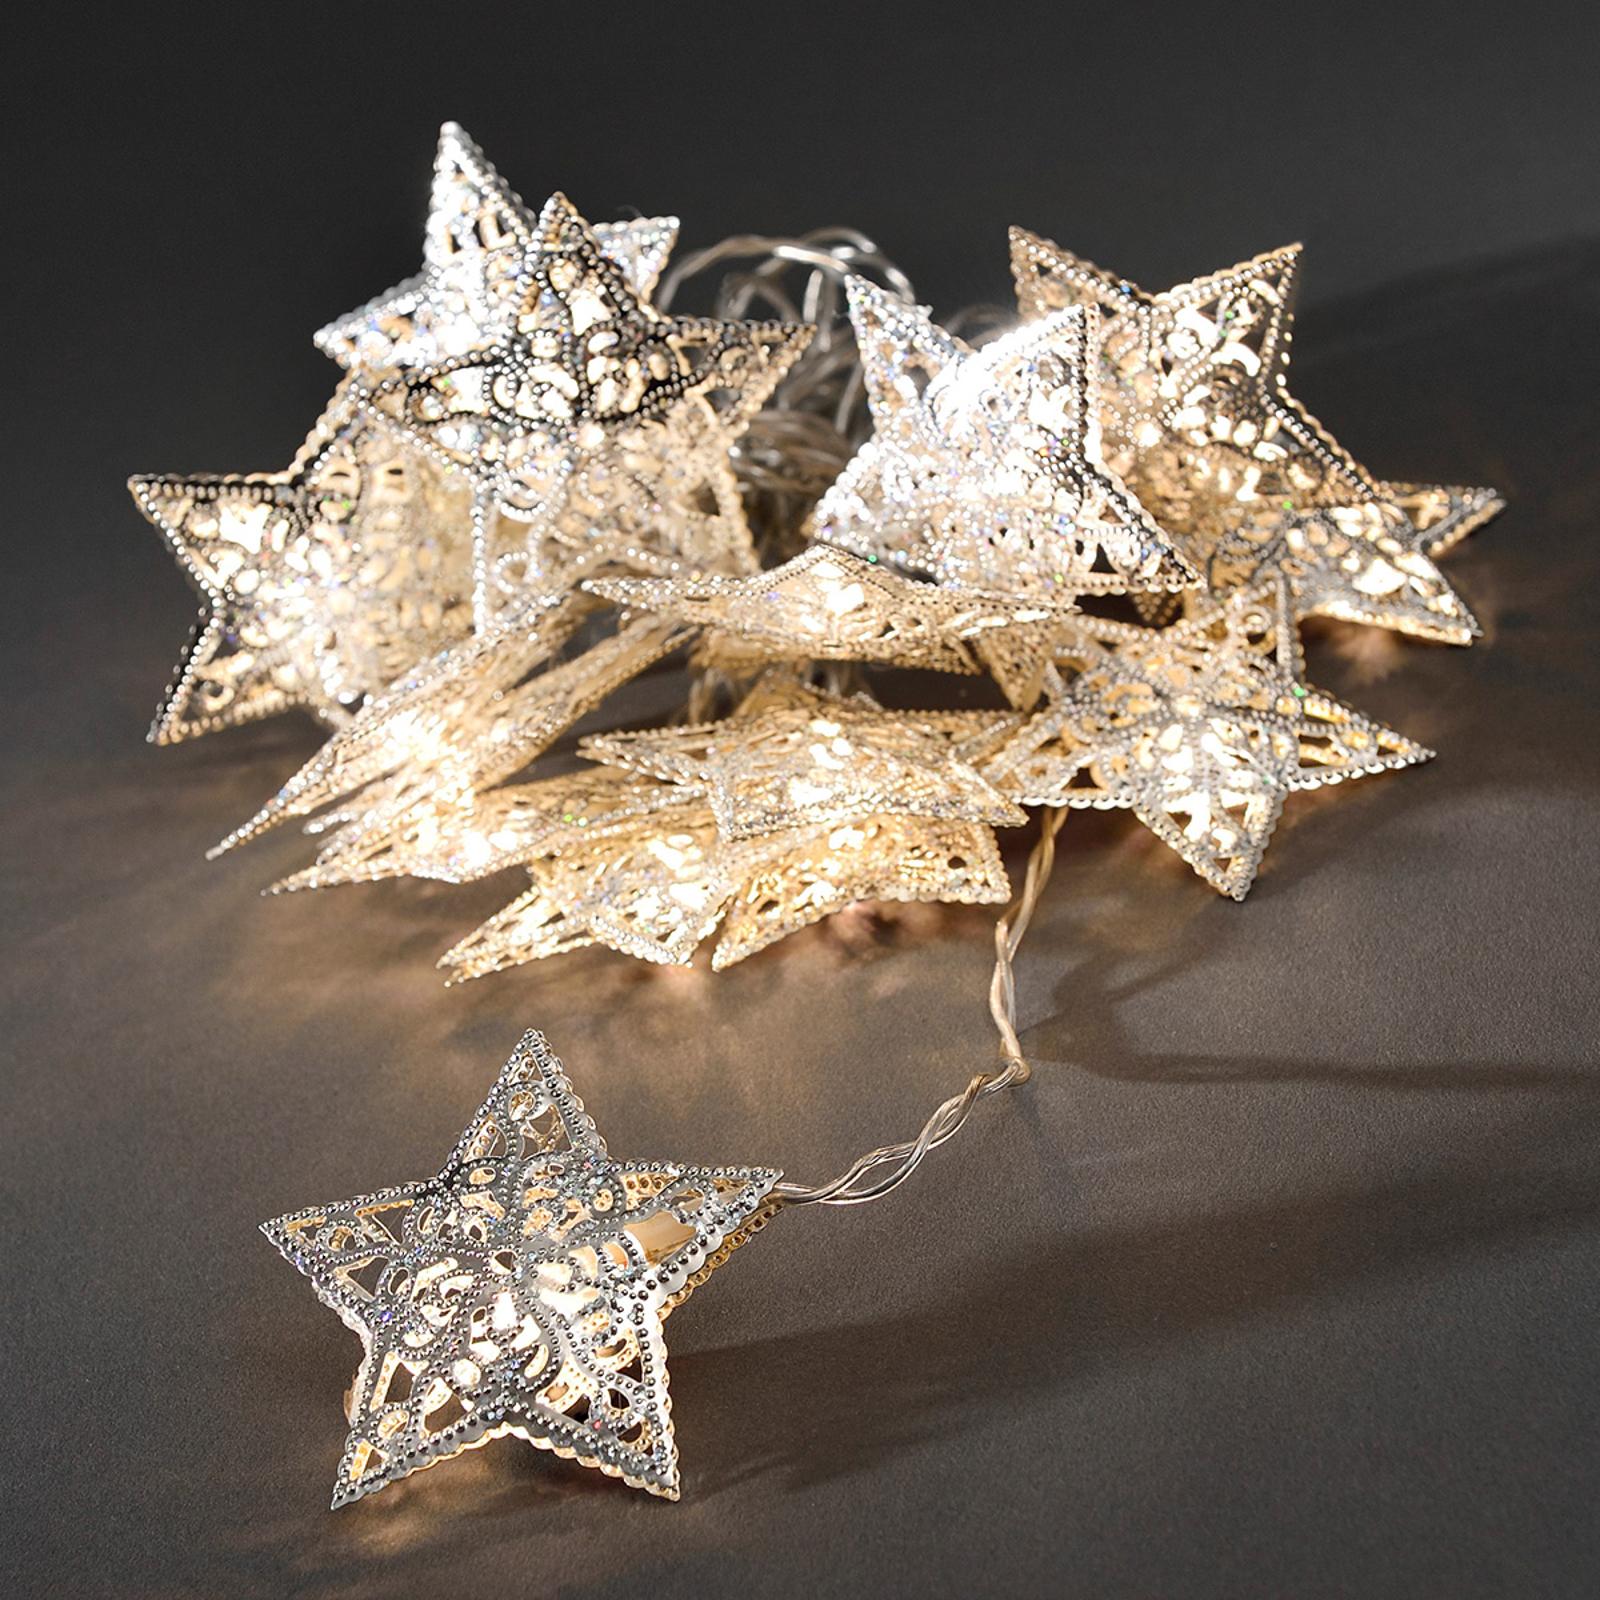 Metallstjärna silver LED-ljuskedja 16-arm.